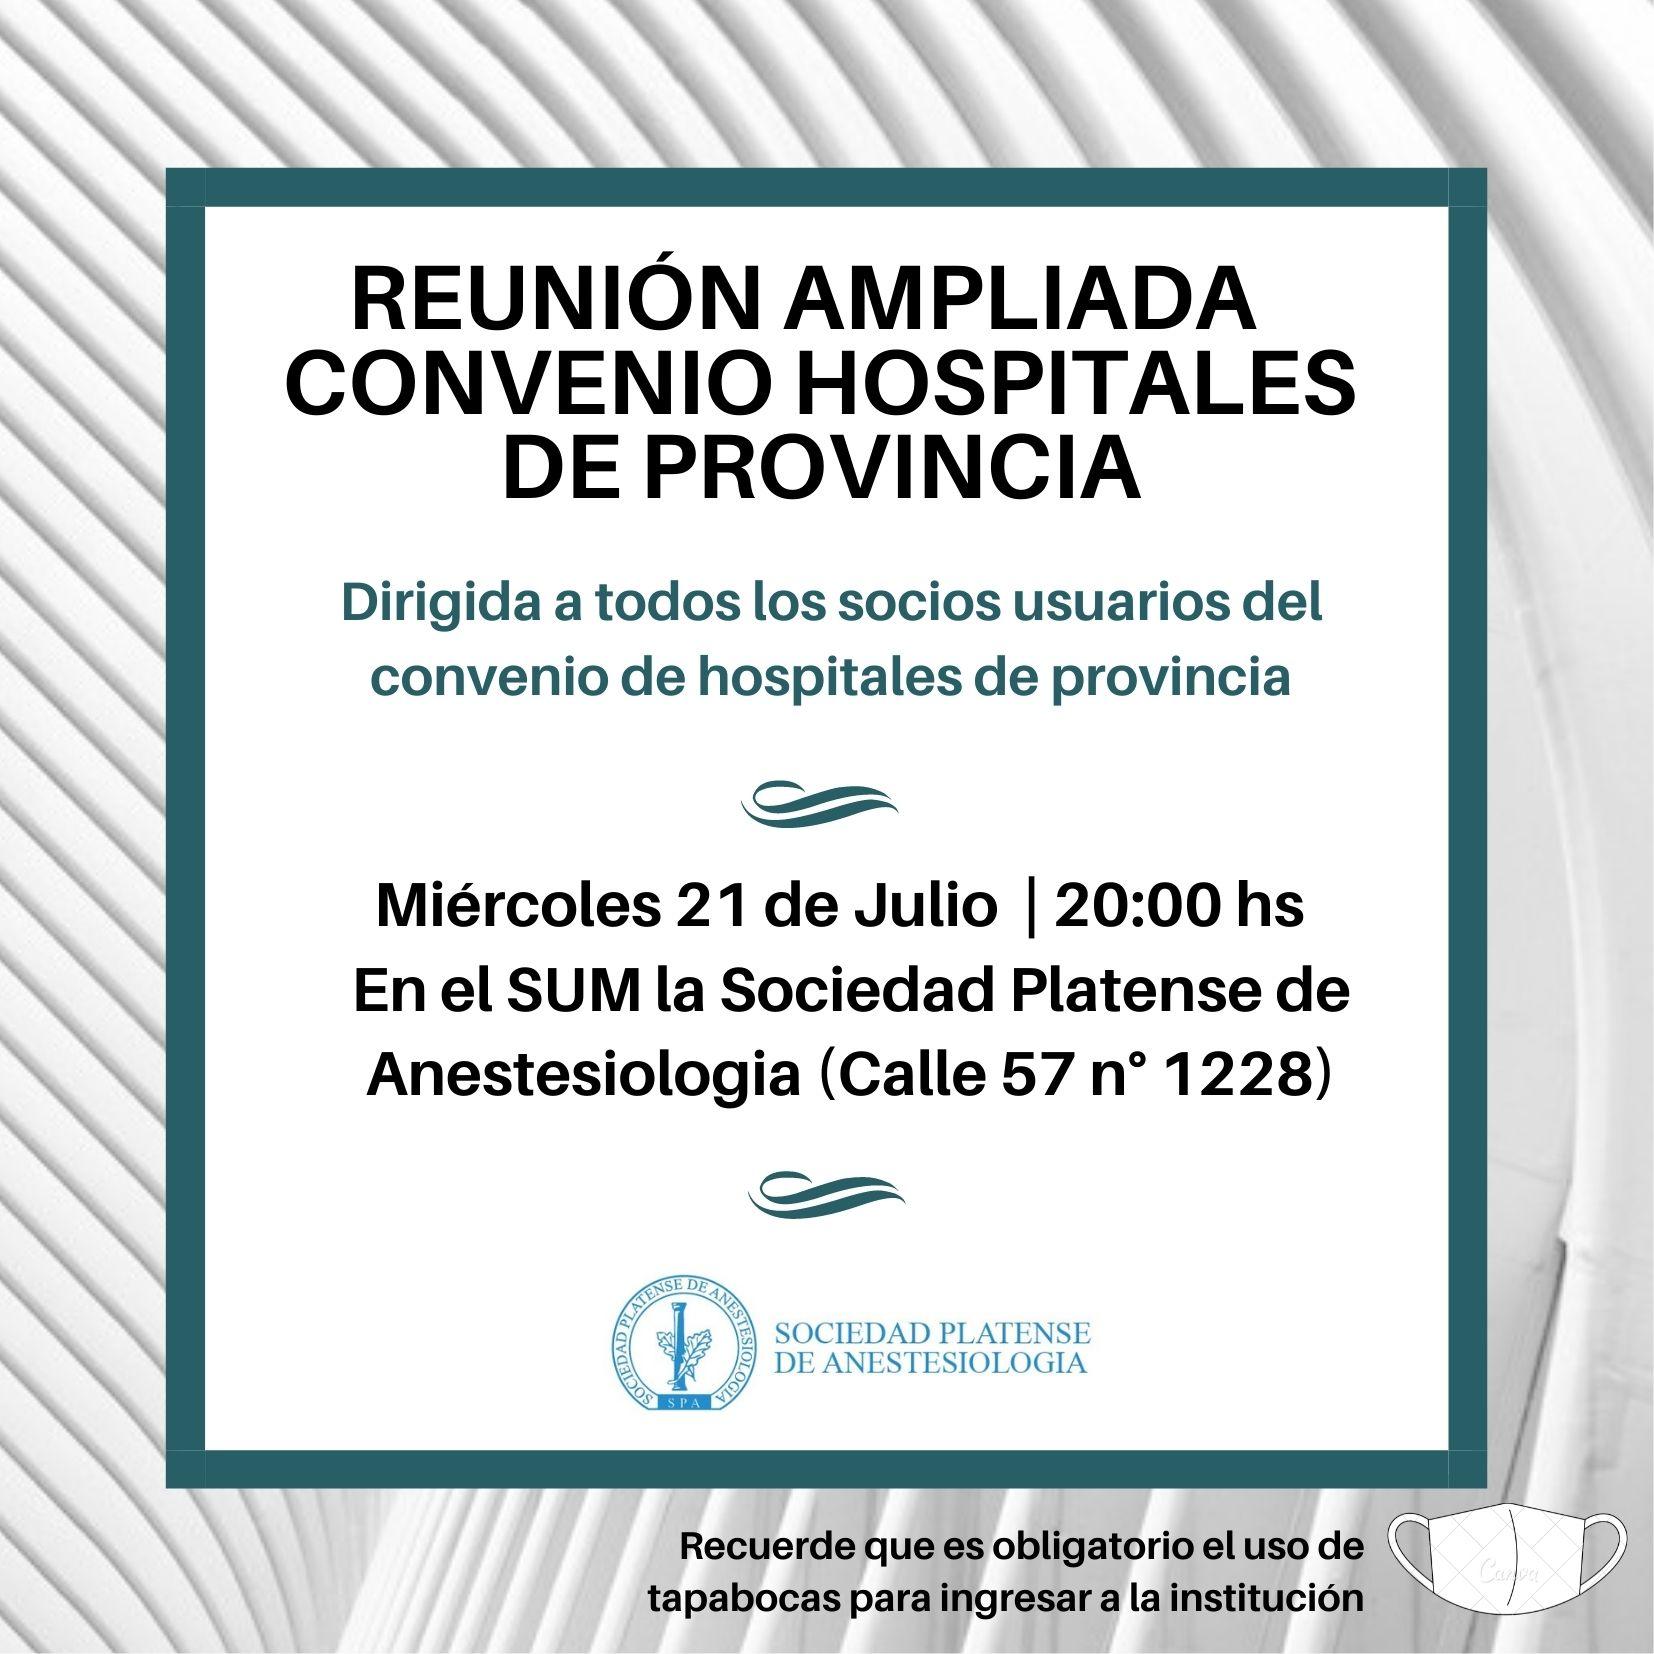 Reunión ampliada: Convenio de Hospitales de Provincia